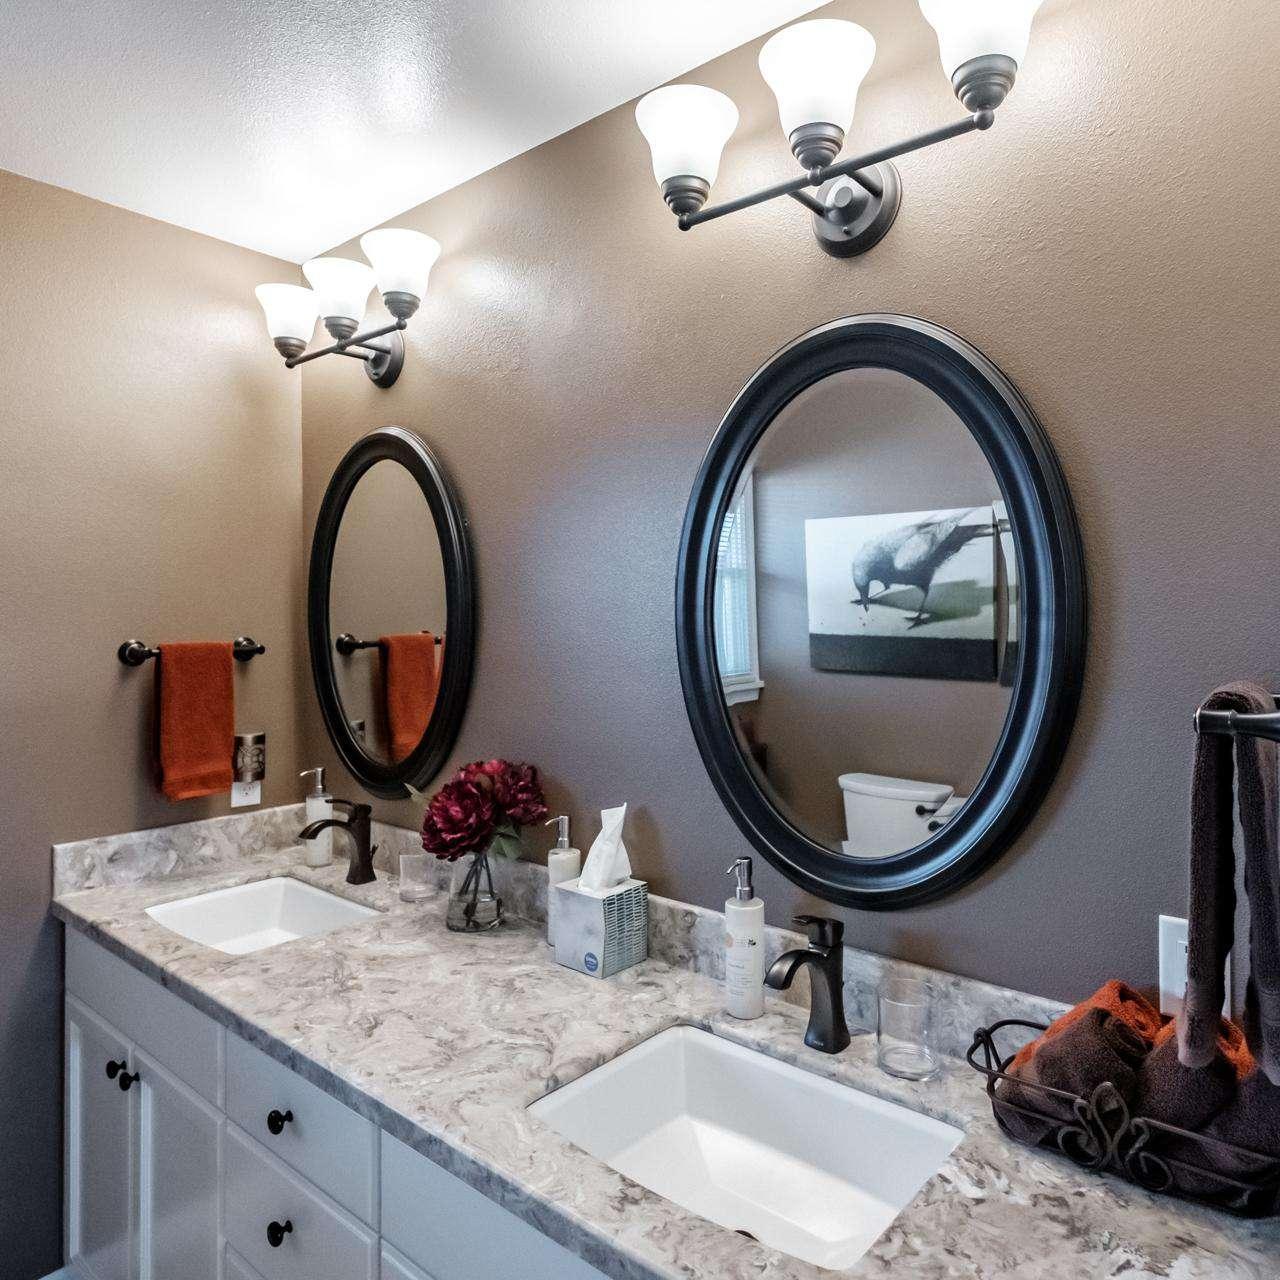 Spacious Hall Bathroom - Double sinks